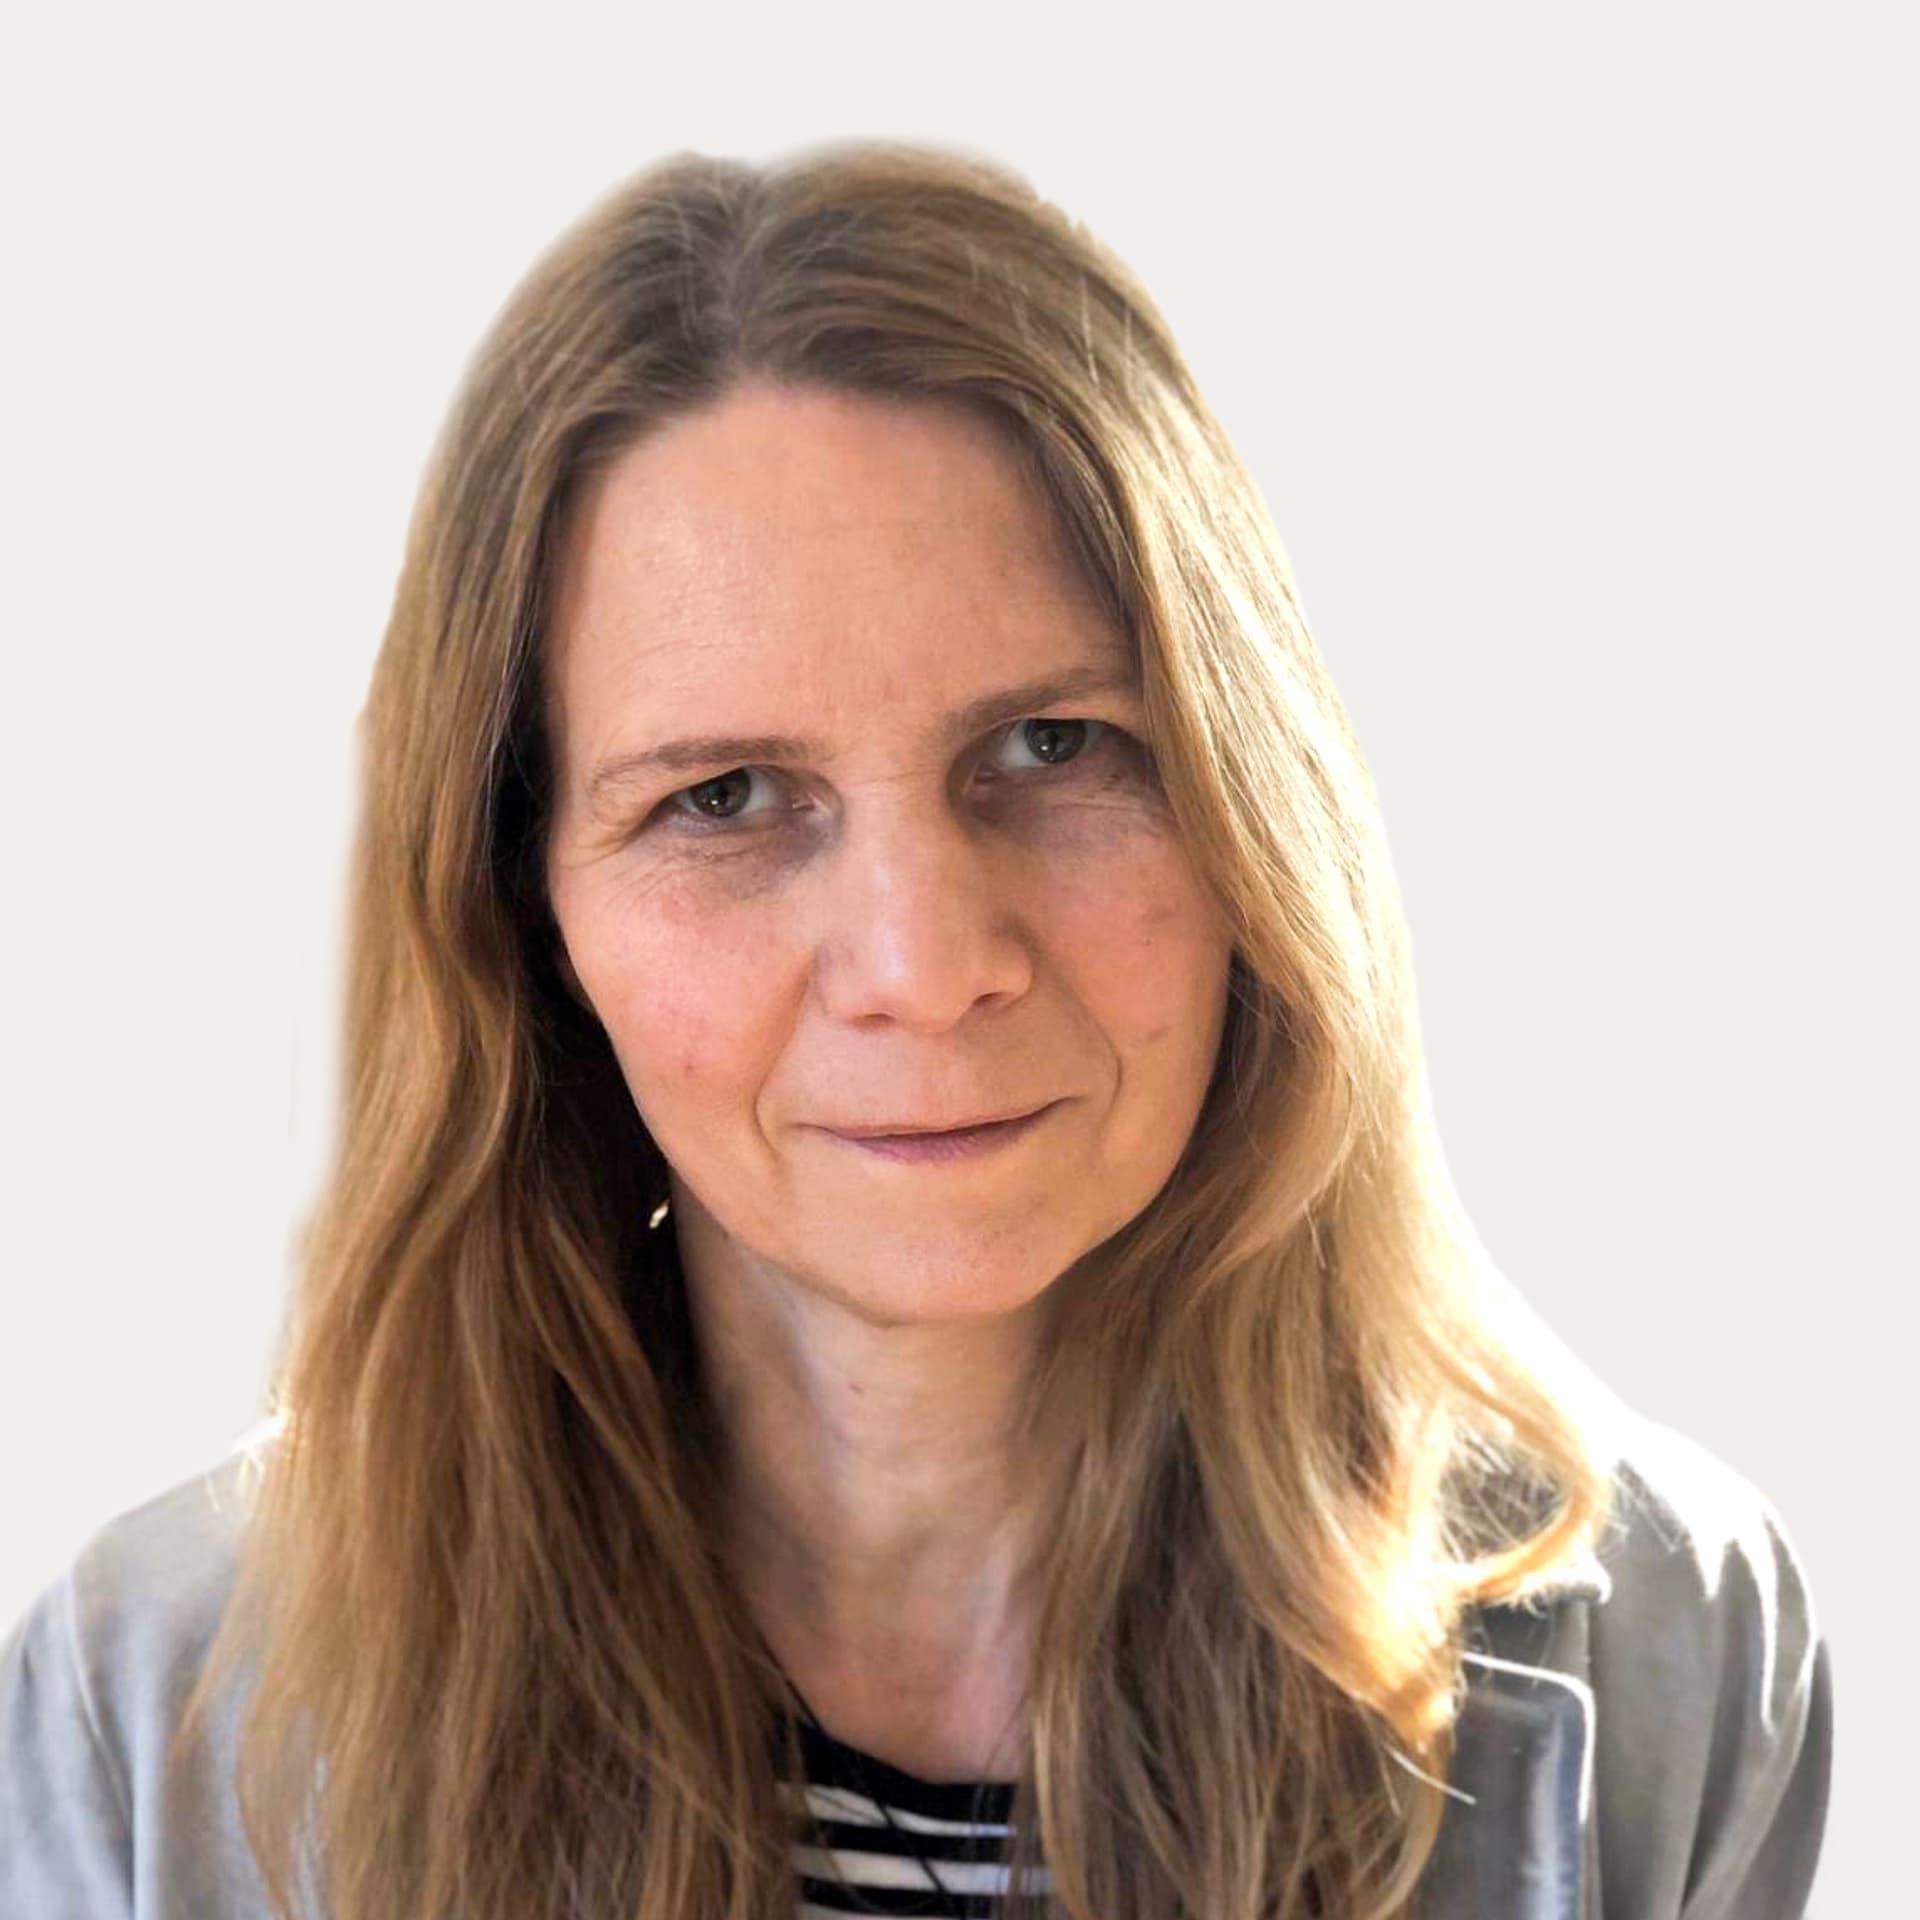 Brigitte Sager Krauss